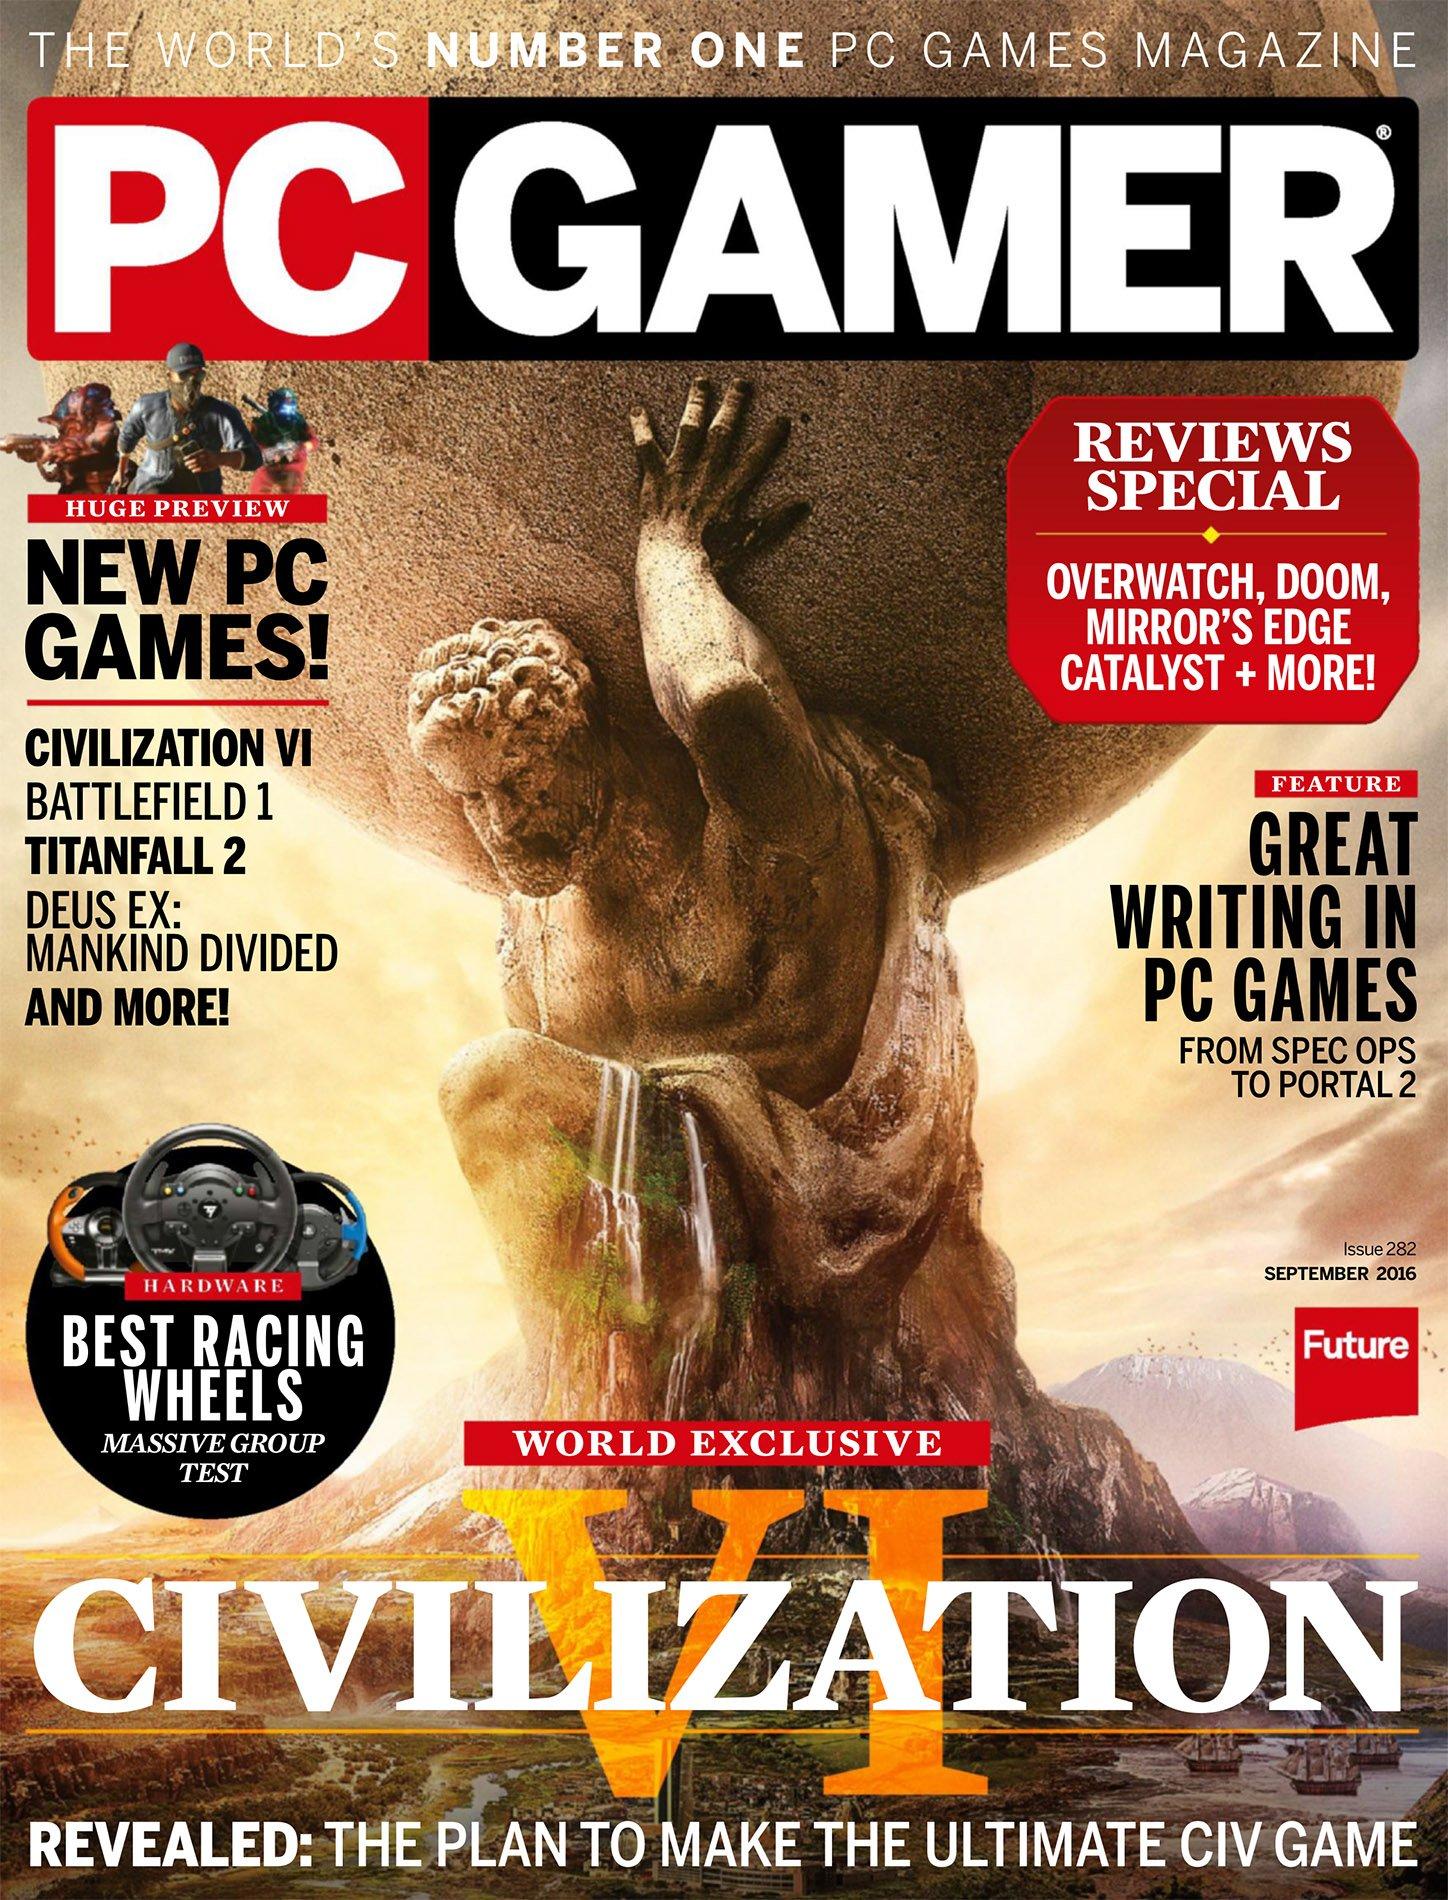 PC Gamer Issue 282 September 2016